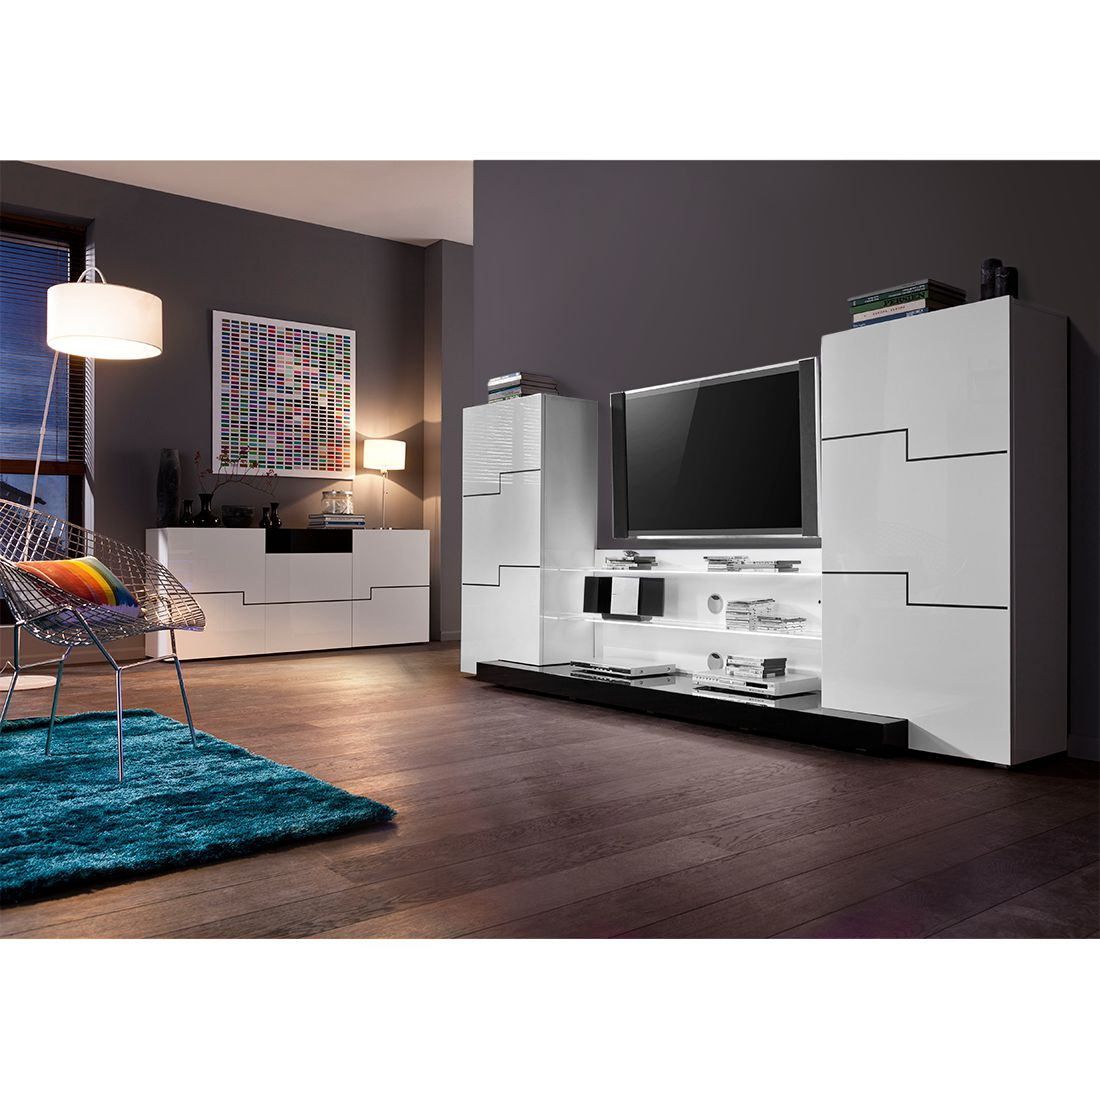 wohnwand wei hochglanz g nstig interessante ideen f r die gestaltung eines. Black Bedroom Furniture Sets. Home Design Ideas